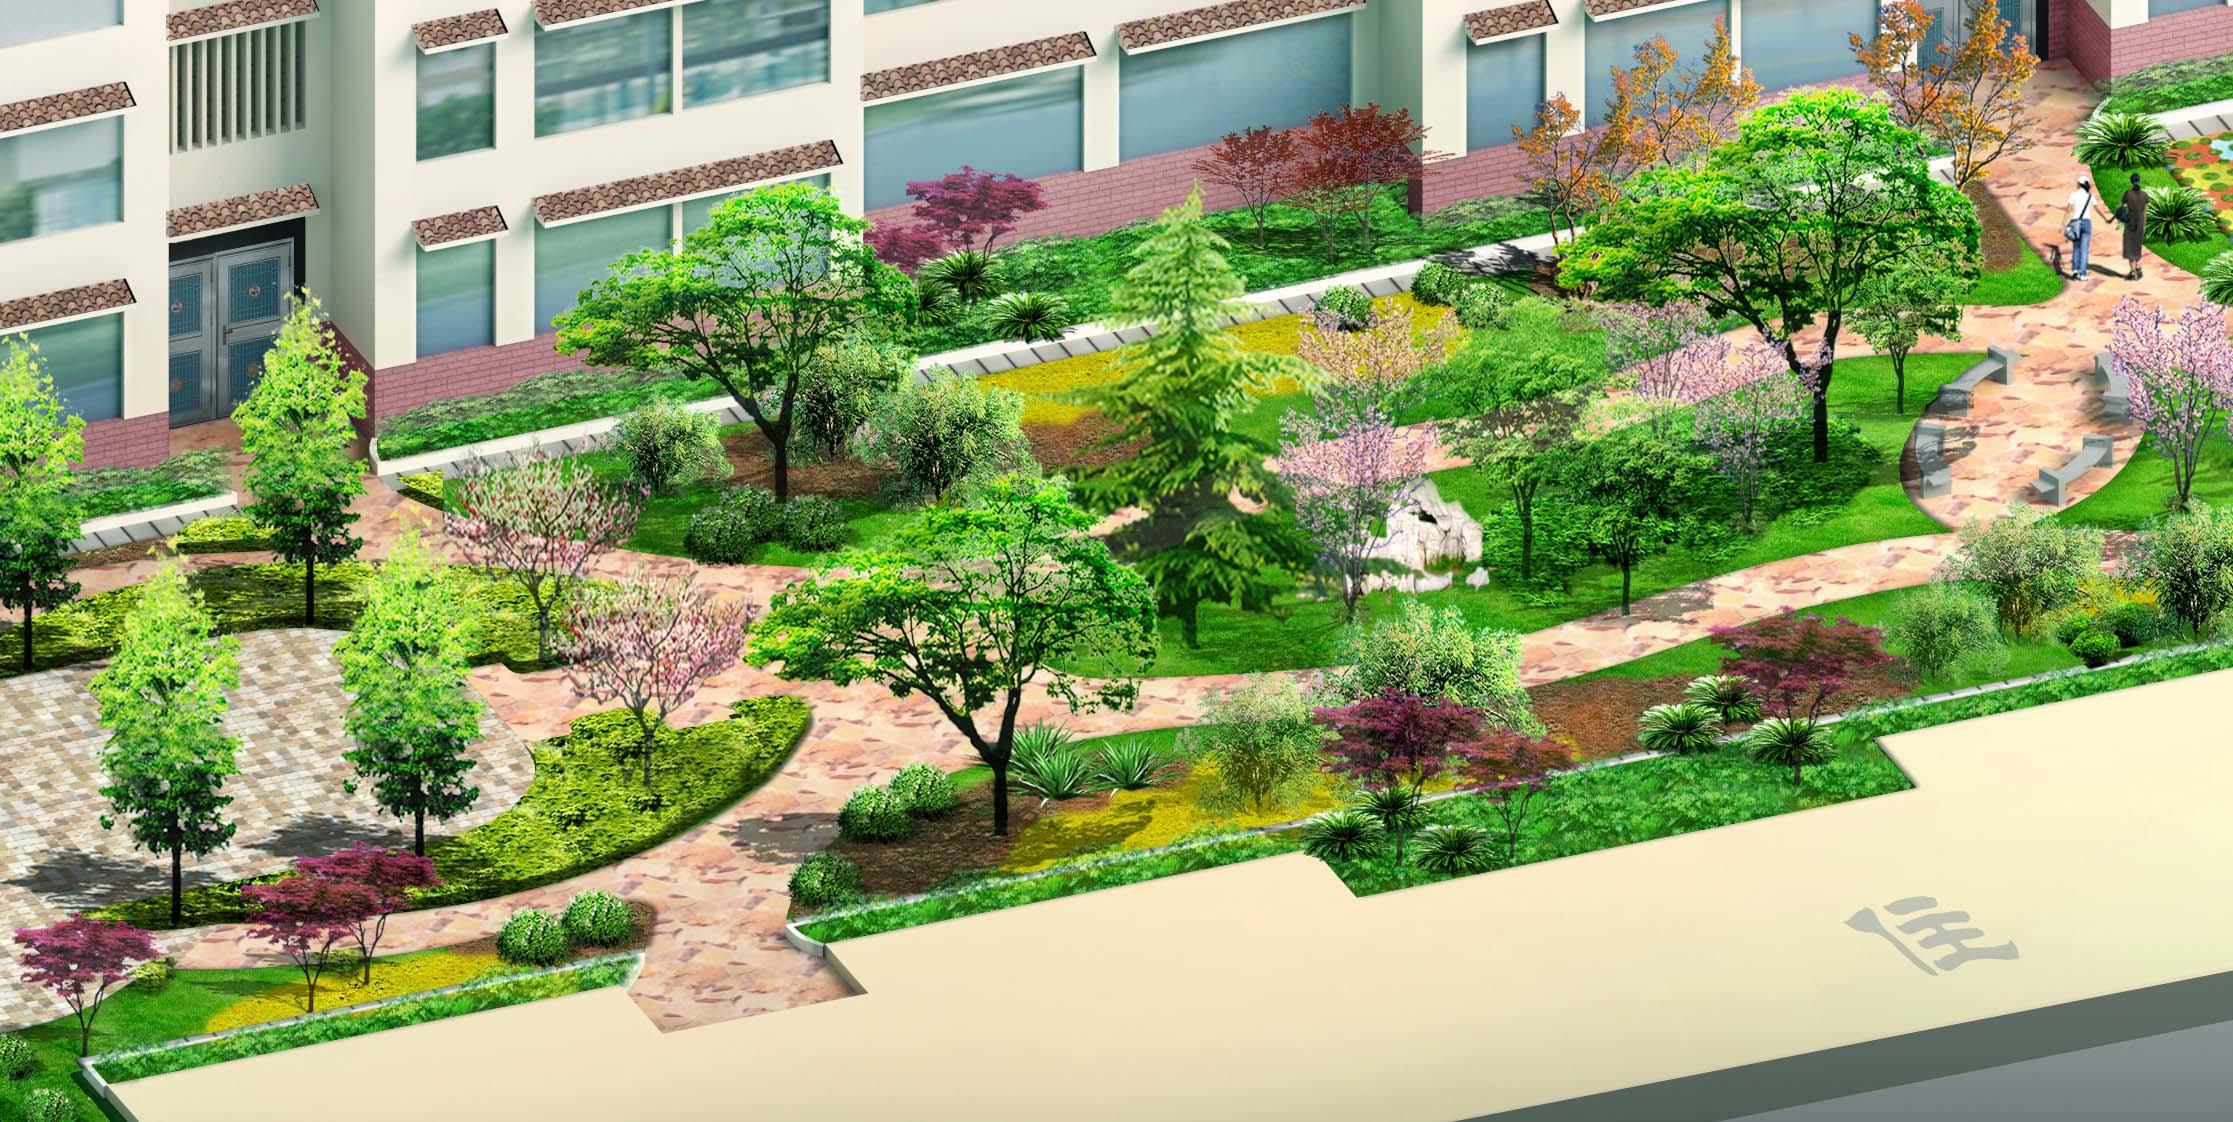 杭州某现代风格住宅小区室外景观工程全套施工图 浙江某高档居住小区